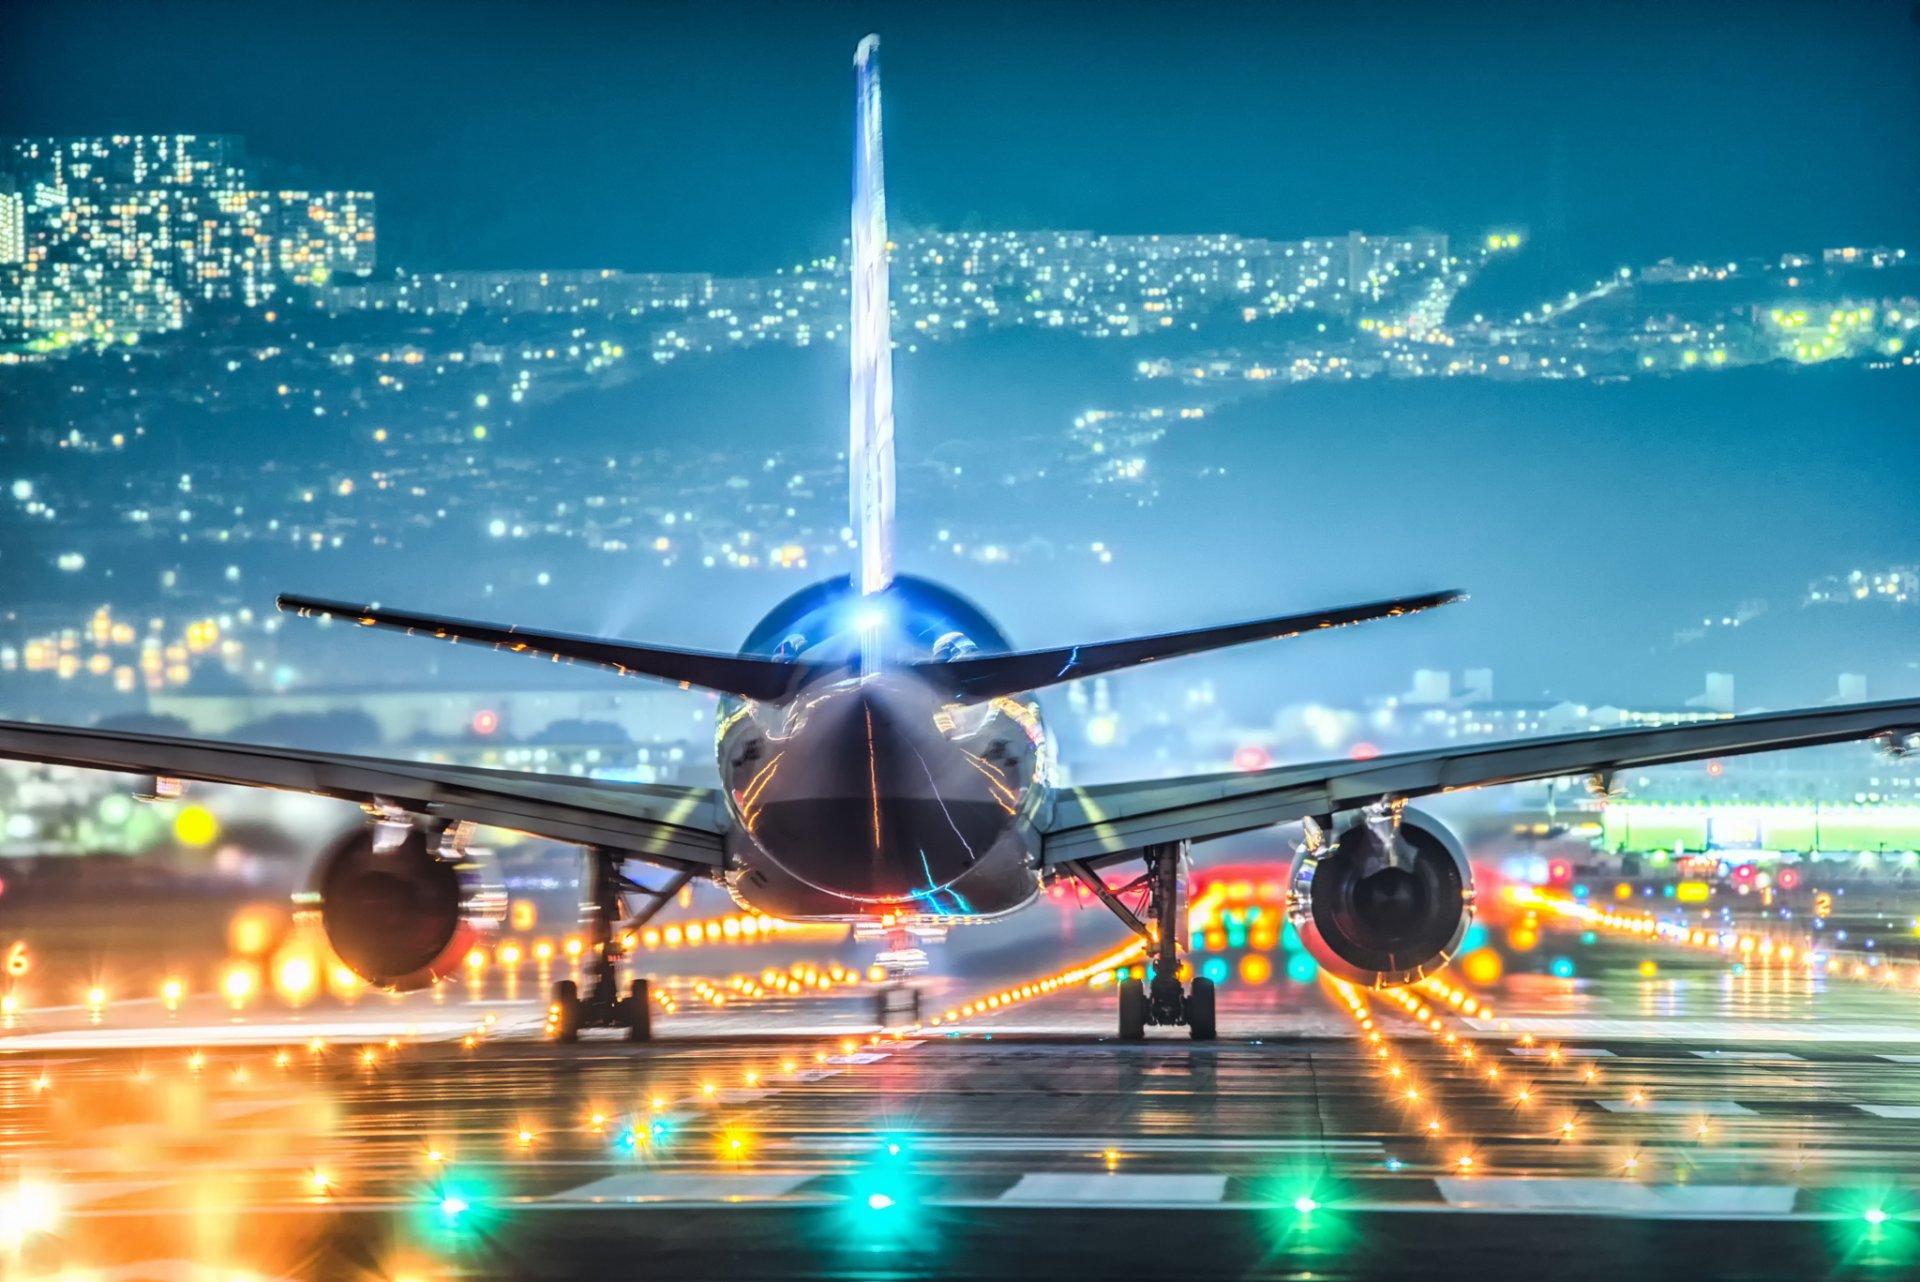 выход из аэропорта скачать